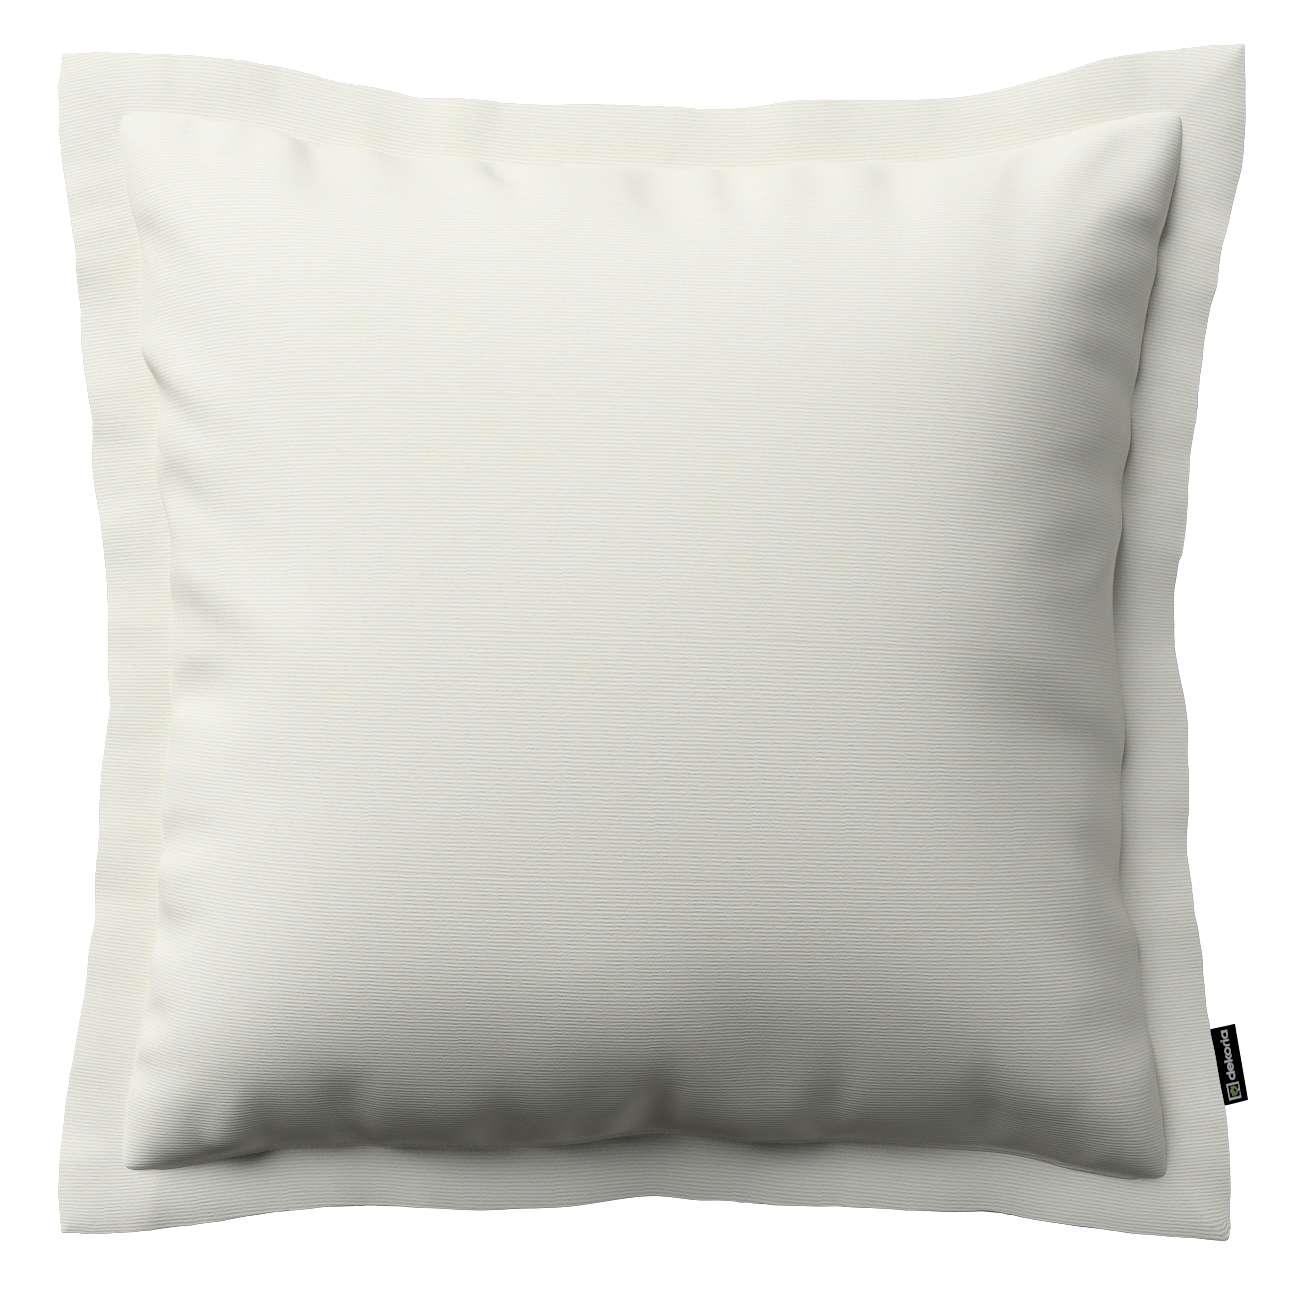 Mona dekoratyvinių pagalvėlių užvalkalas su sienele 38 x 38 cm kolekcijoje Jupiter, audinys: 127-00